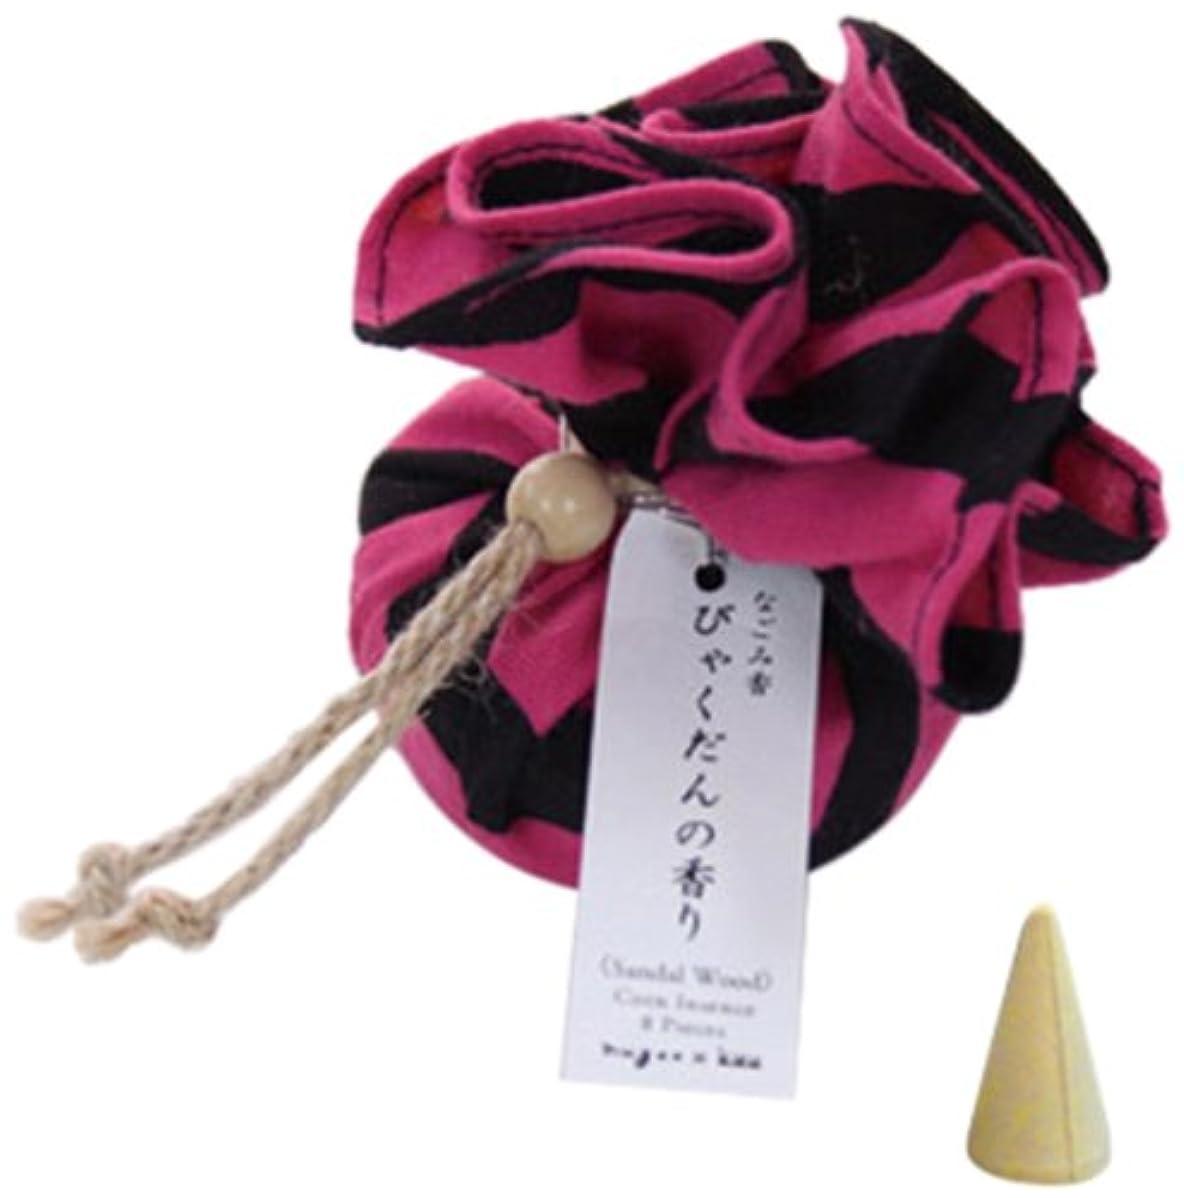 ファンネルウェブスパイダー持っている同一性なごみ香 手拭巾着包 お香(コーンインセンス) びゃくだんの香り nugoo×kou 斜め縞(ピンク)